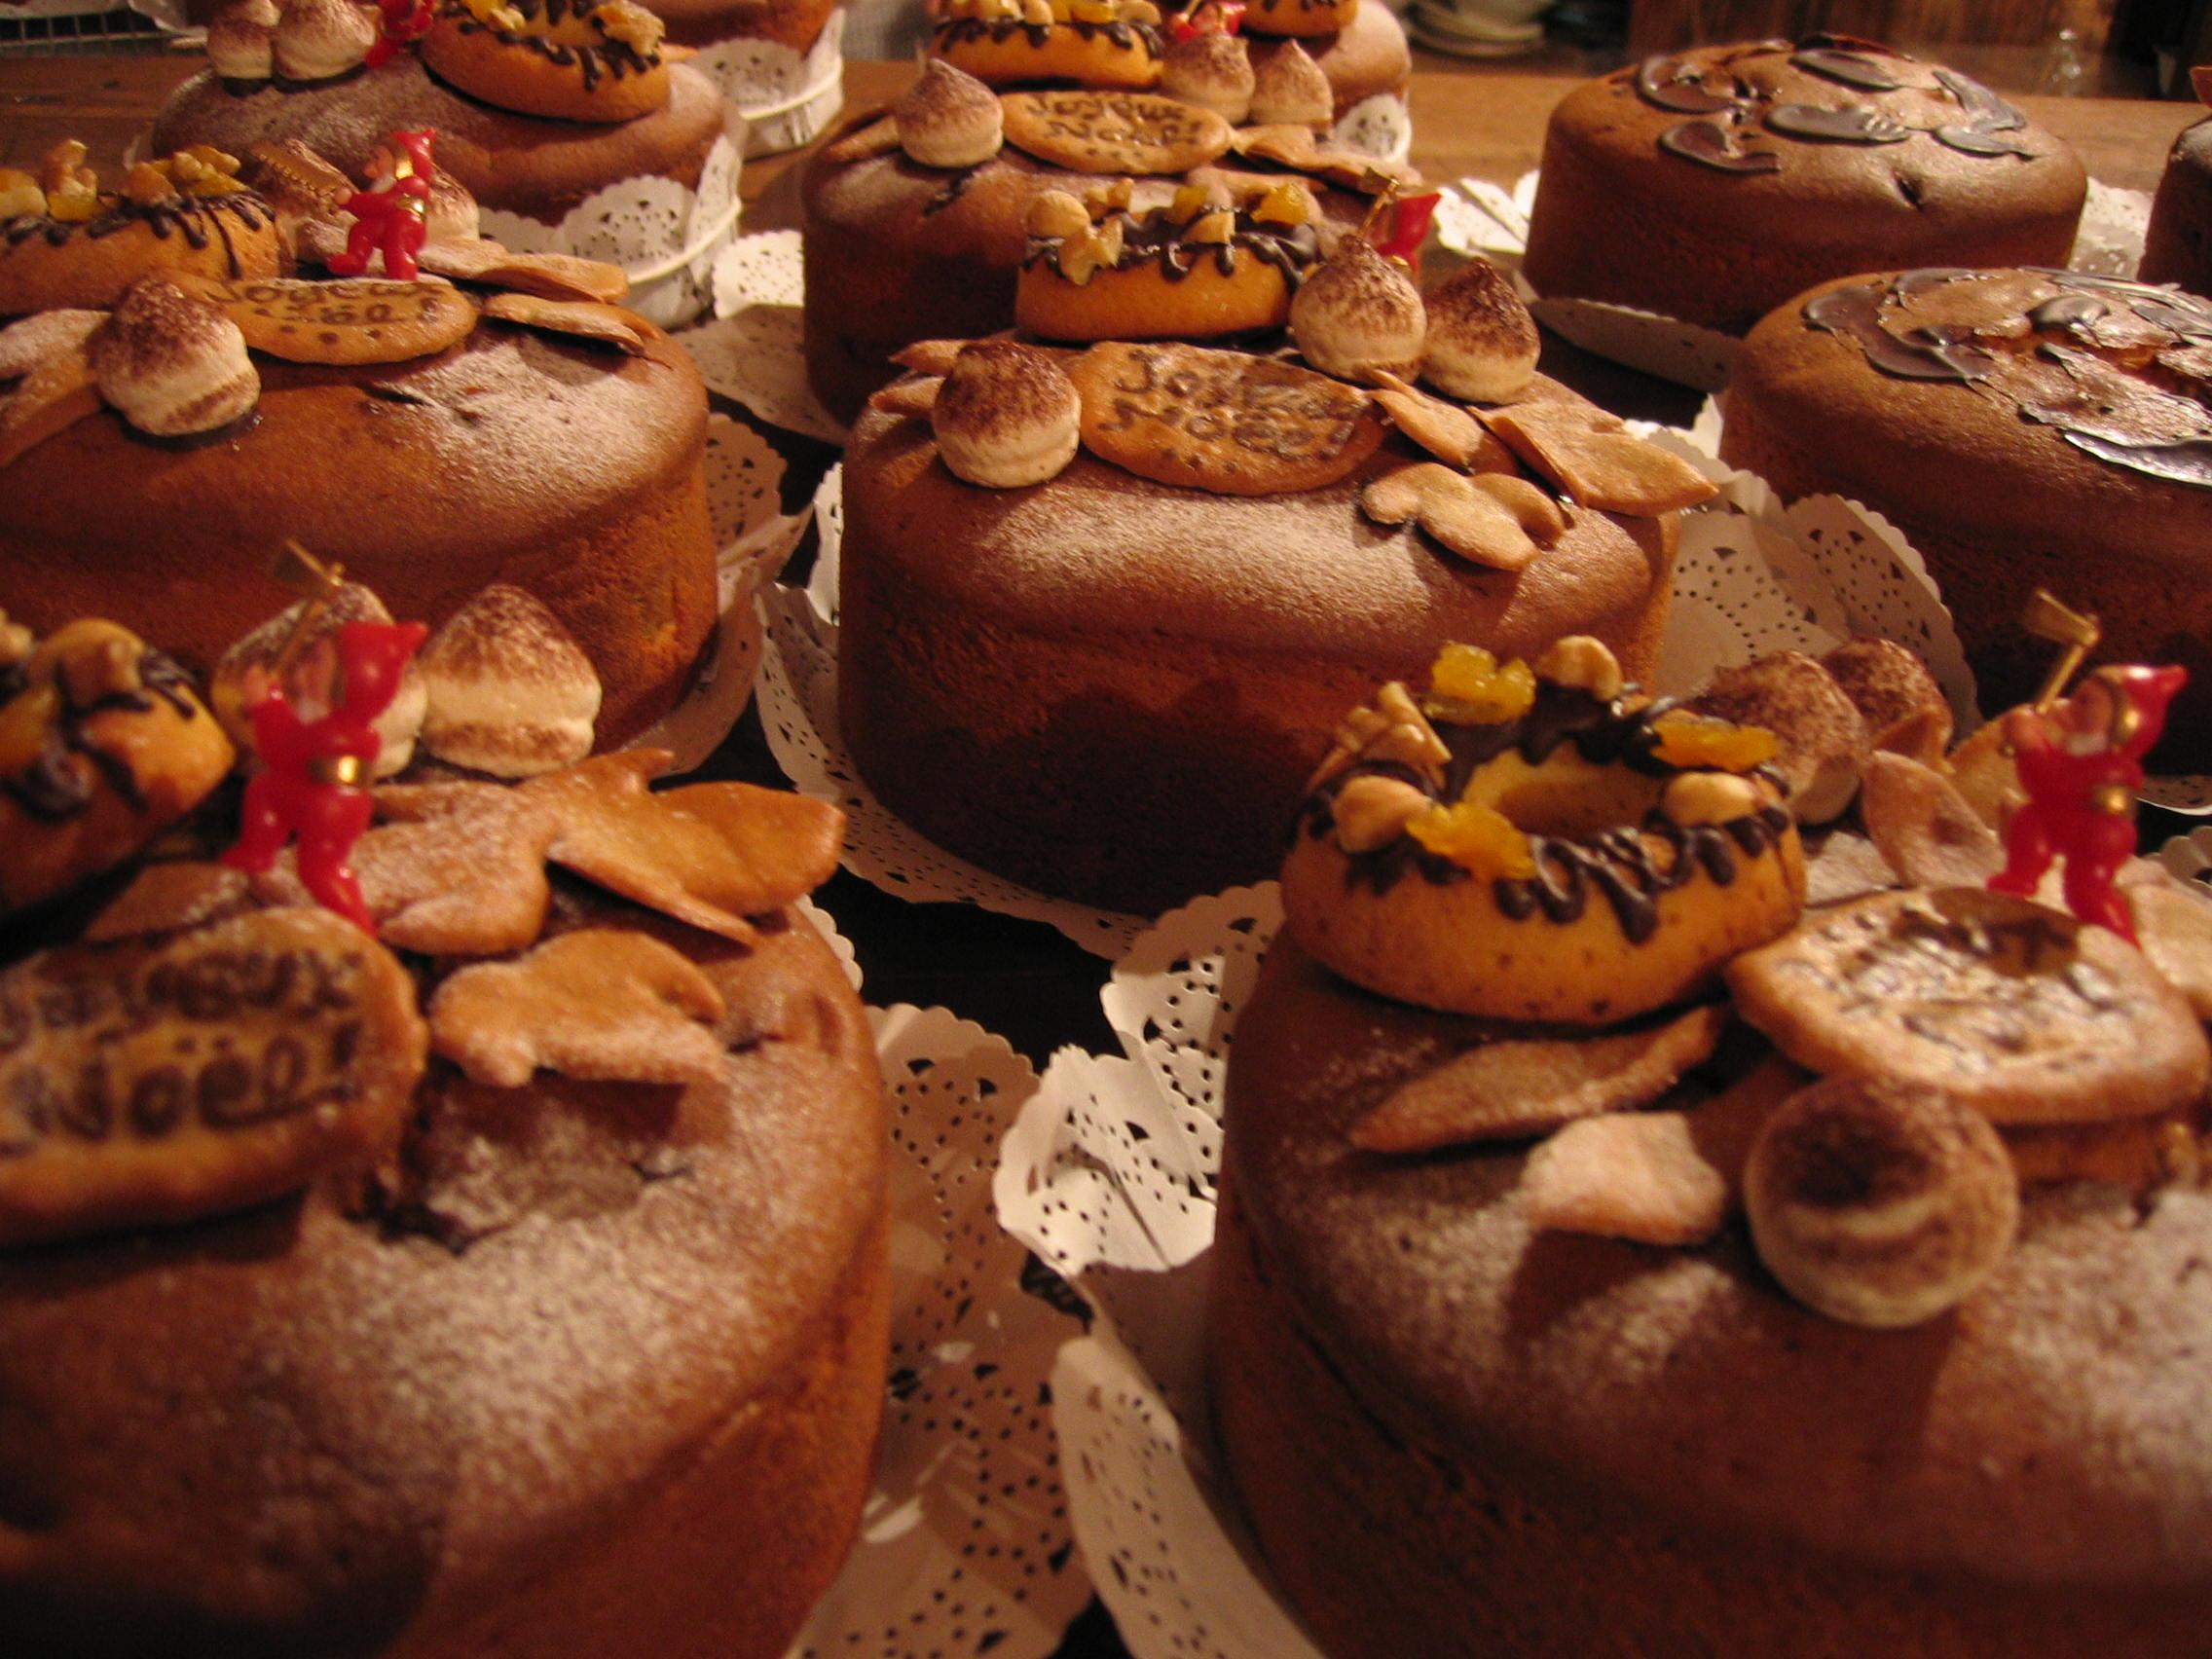 グルヌイユのシュトレン&カシュカシュのクリスマスケーキ_c0216265_5114439.jpg